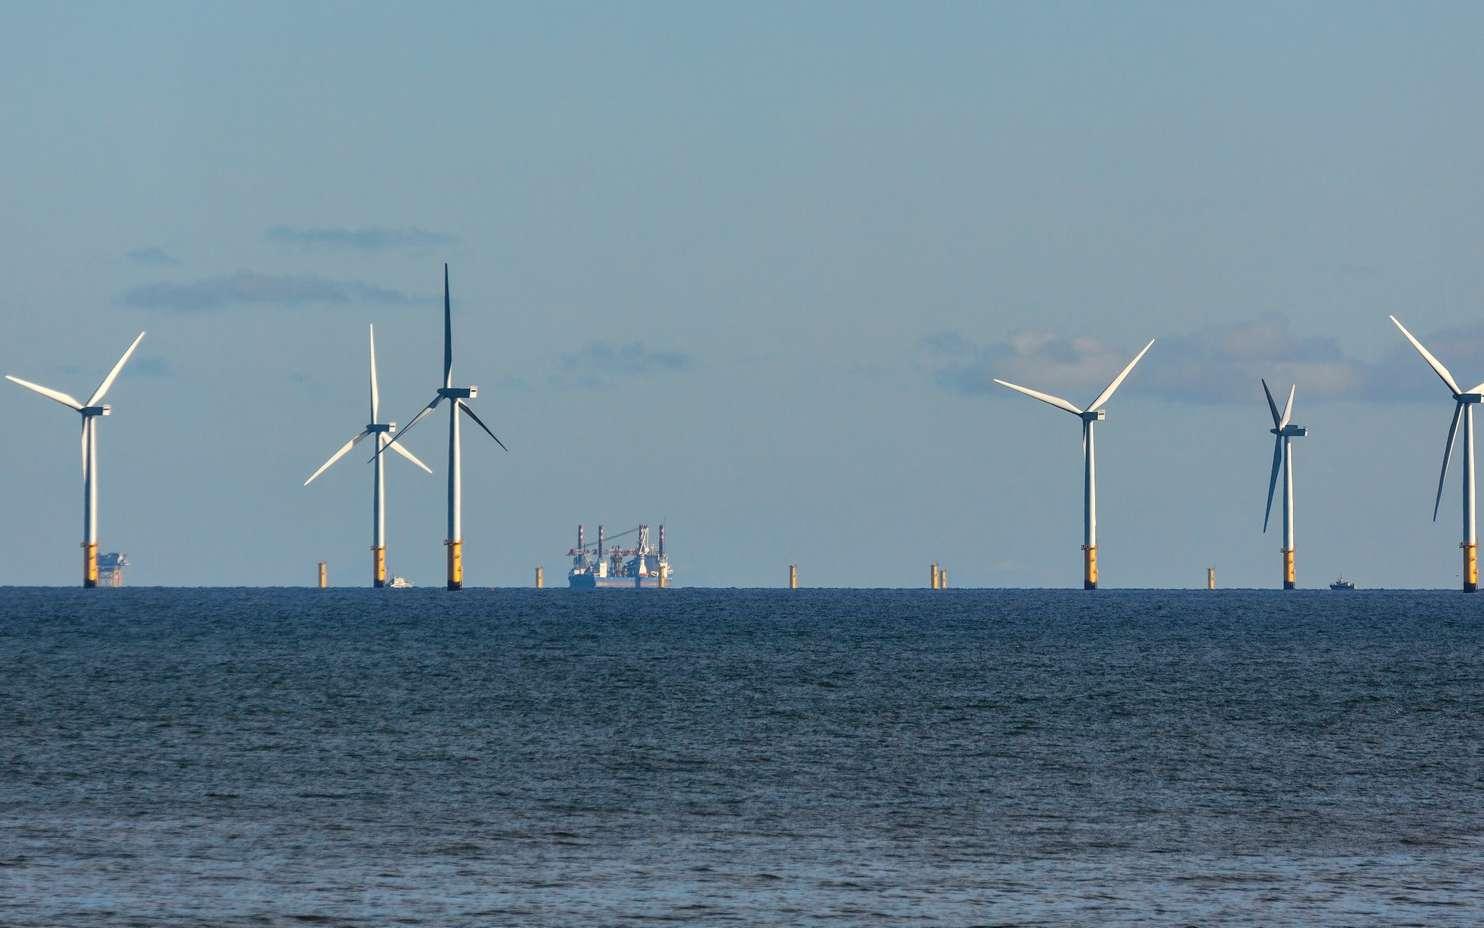 Des éoliennes offshore au pays de Galles. © philipbird123, Fotolia